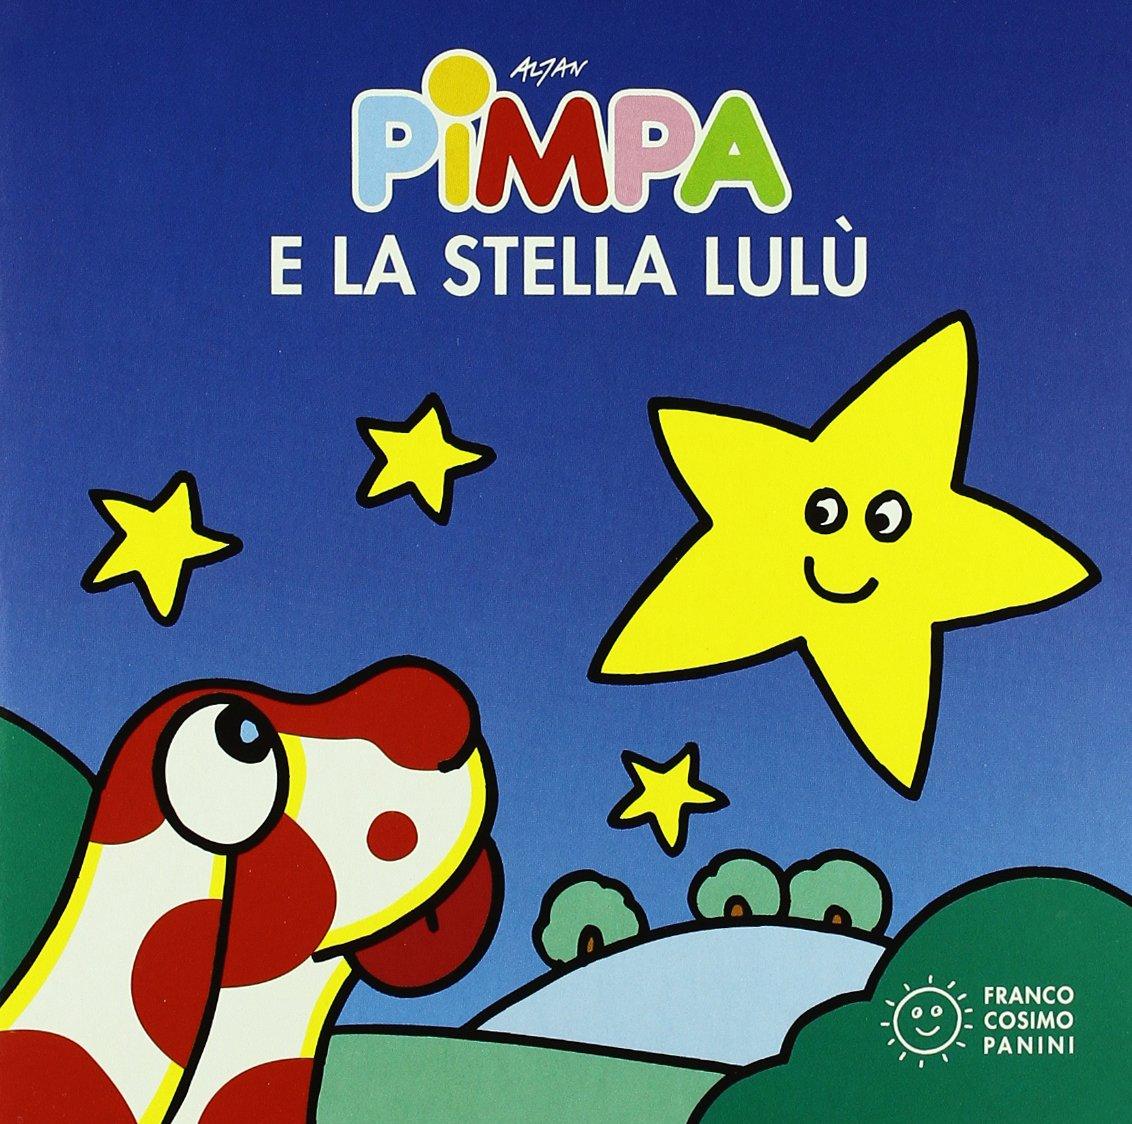 La Pimpa Books Pimpa E La Stella Lulu Italian Edition